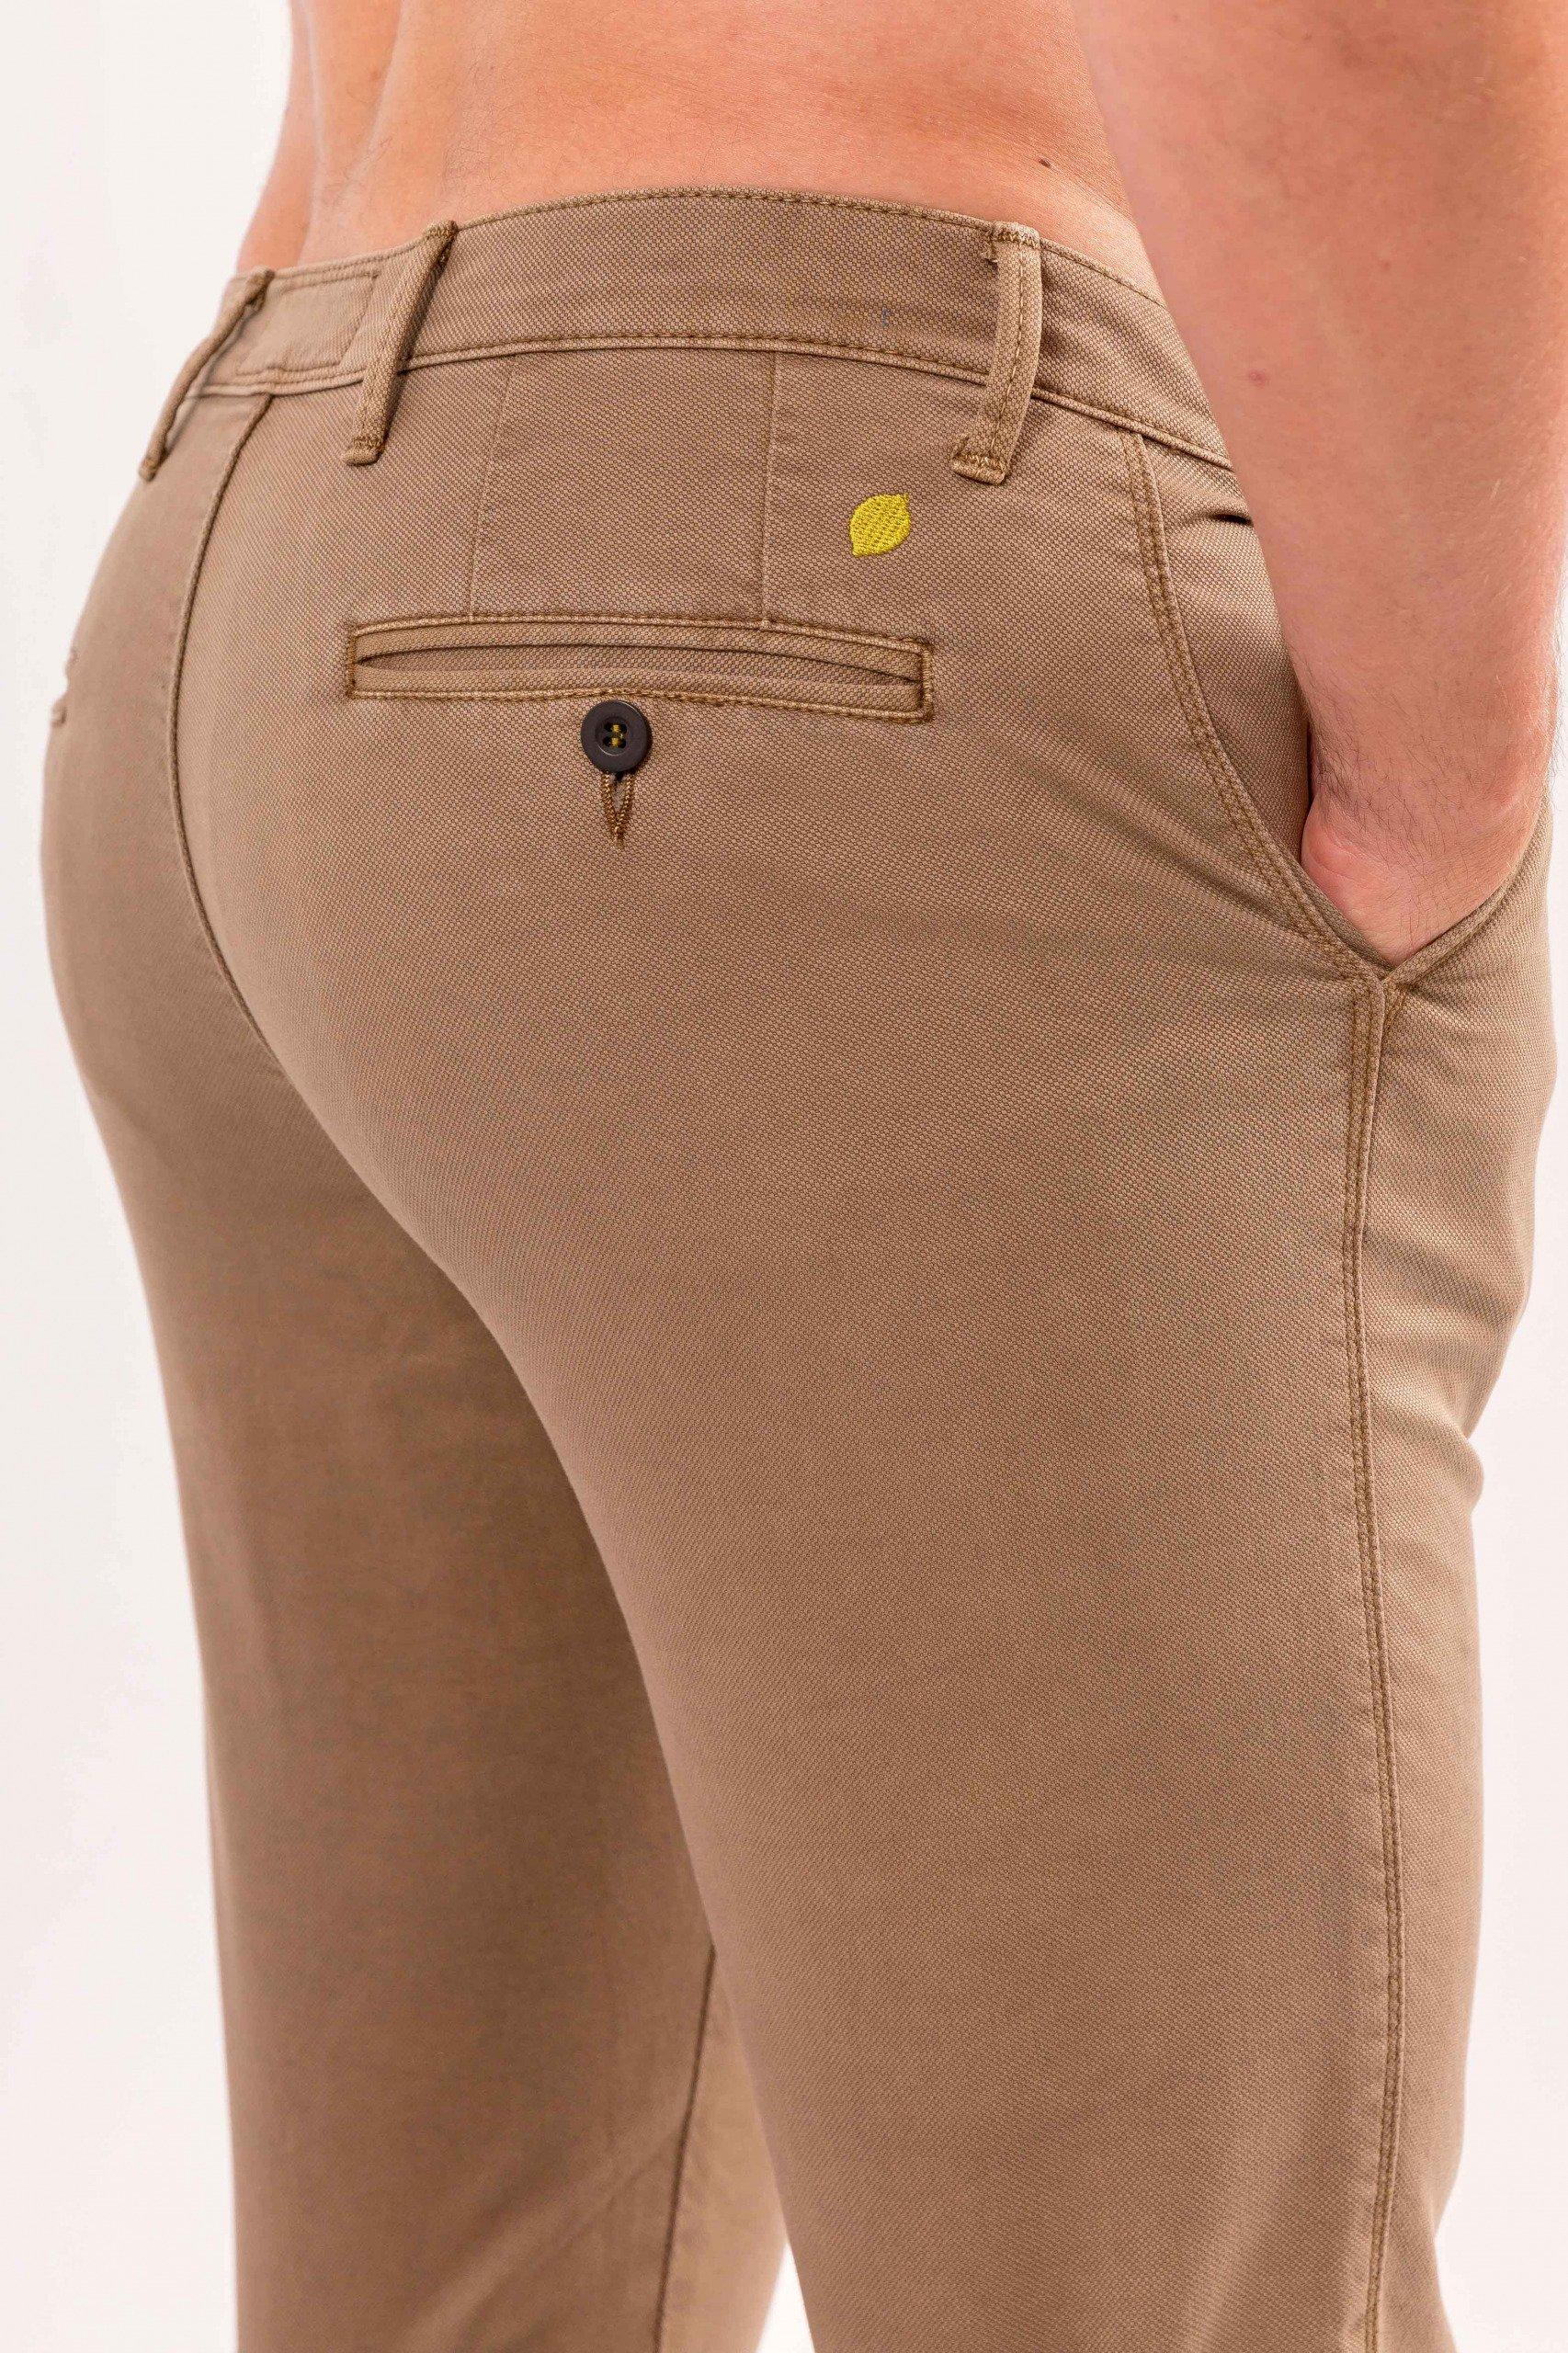 pantalon-sir-lemon-chino-casual-tostado